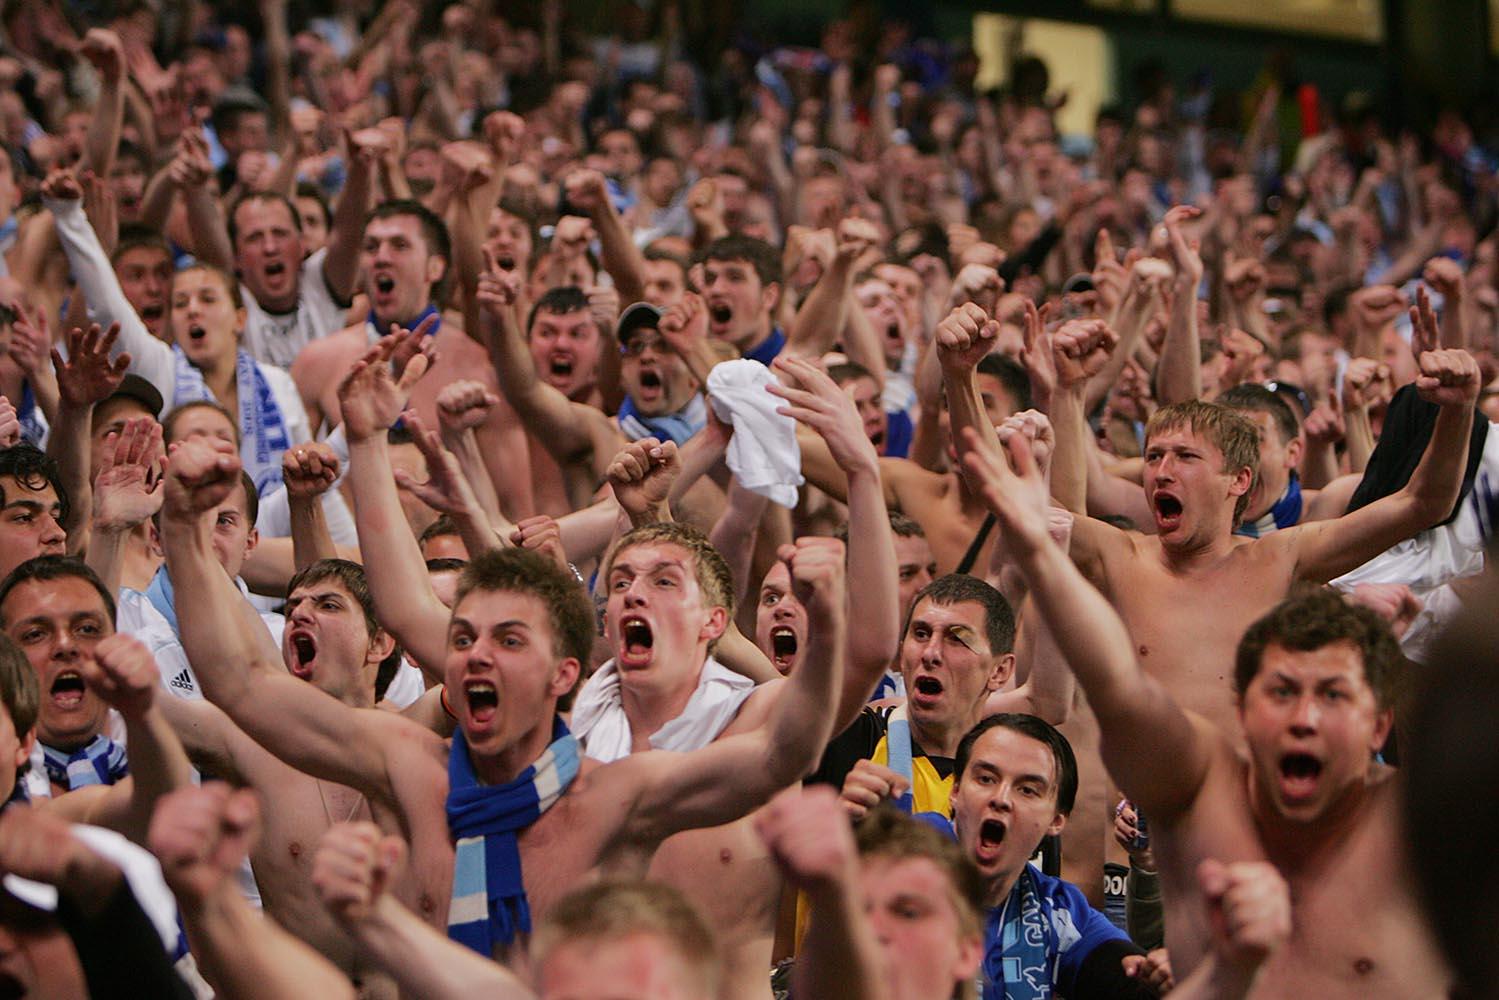 FC Zenit St. Petersburg fans